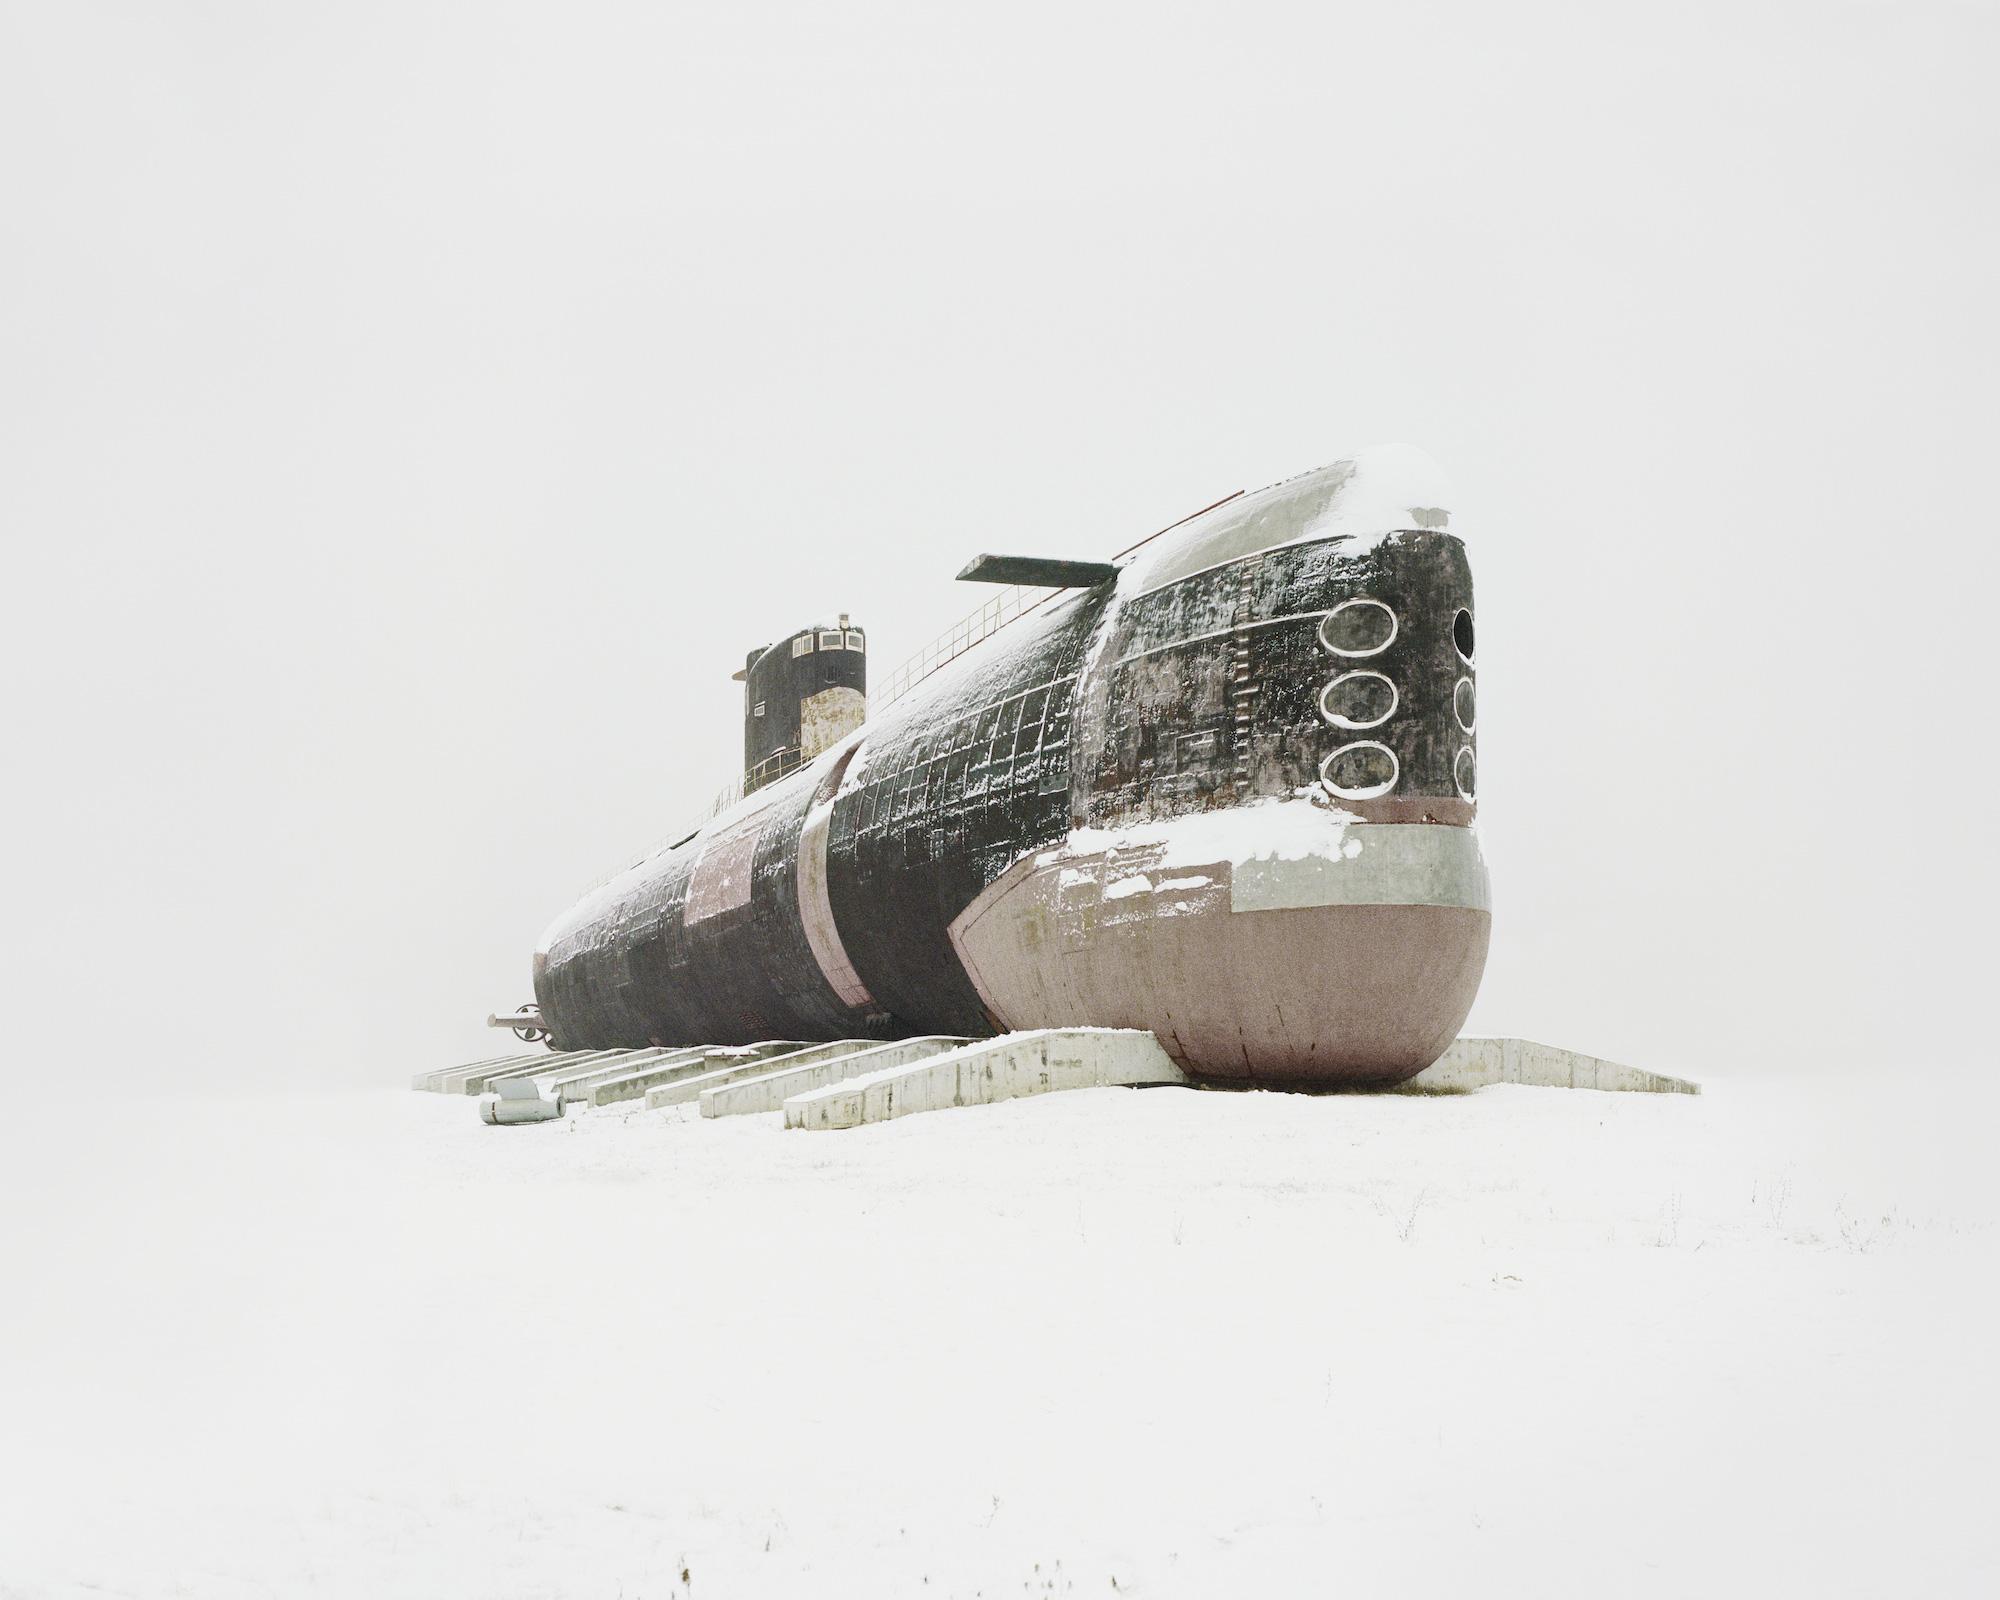 Dieselelektrisch betriebenes U-Boot, das größte jemals gebaute – Oblast Samara, 2013 / Fotos © Danila Tkachenko